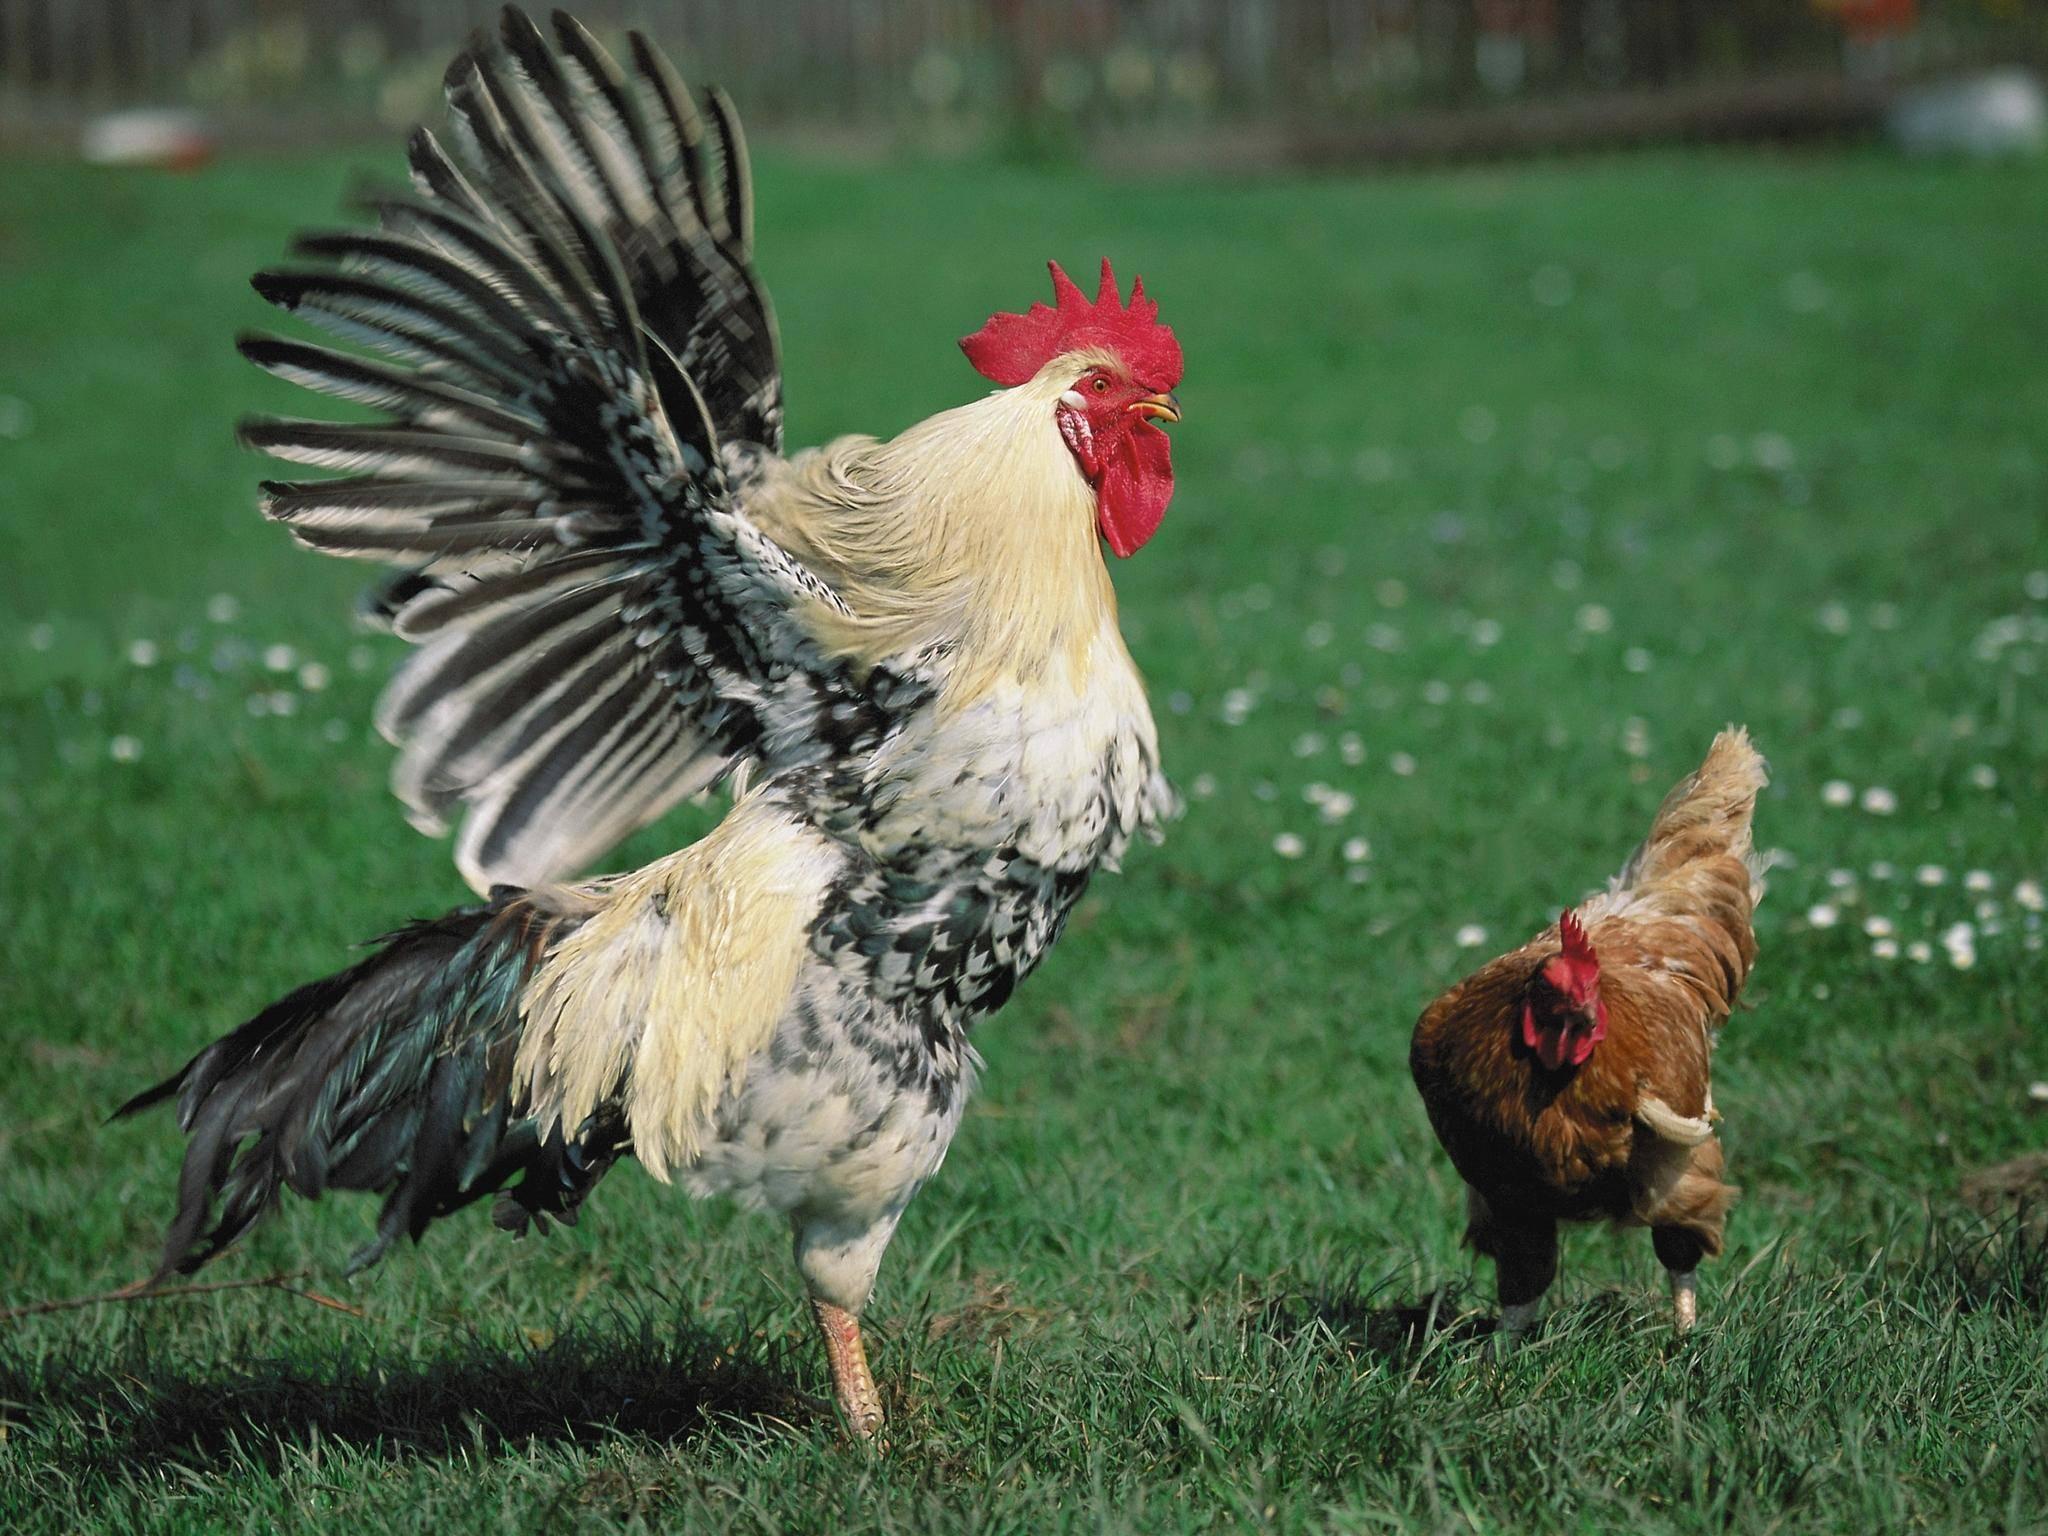 Несутся ли куры без петуха: строение организма курицы и роль самца в курятнике